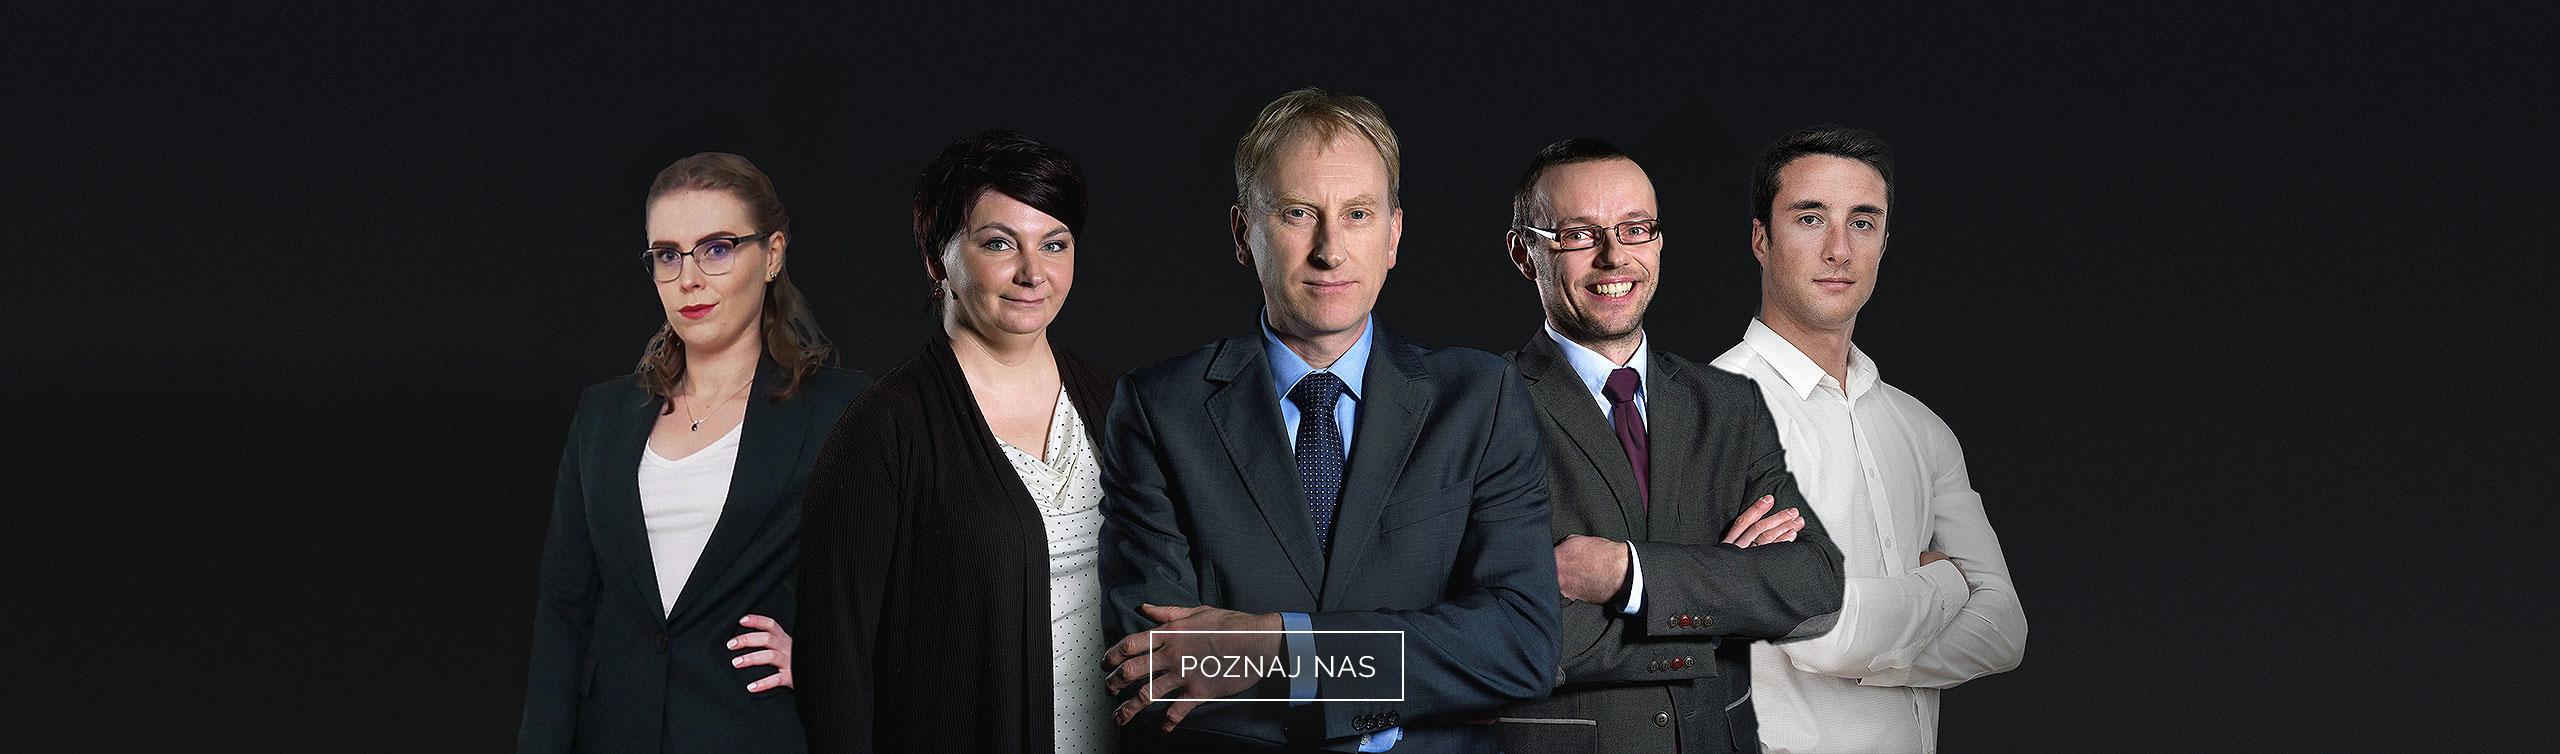 Kancelaria Duszyński - zespół